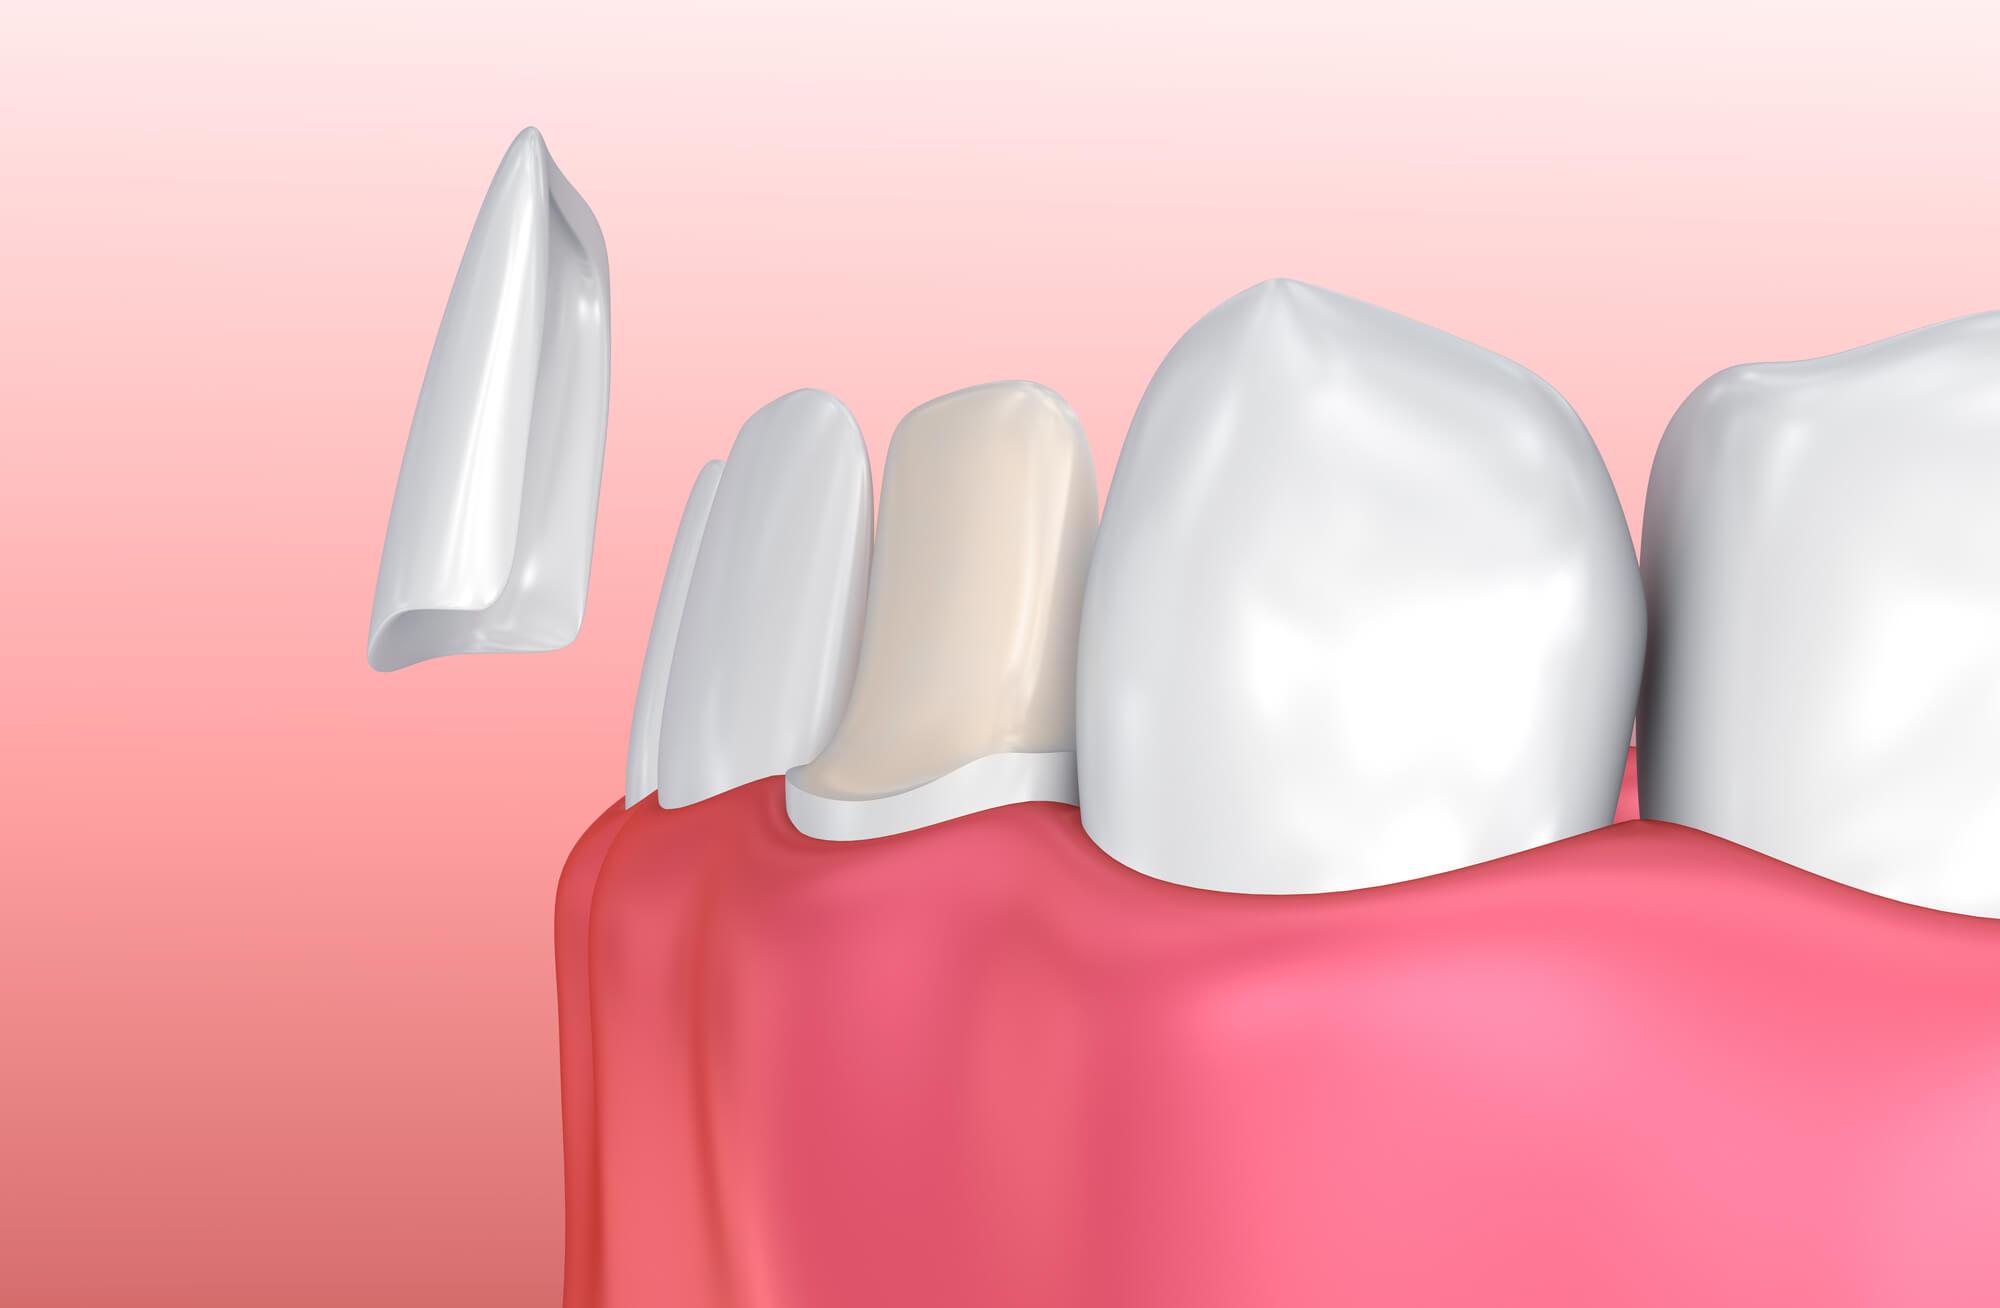 3D model of dental Veneers San Jose